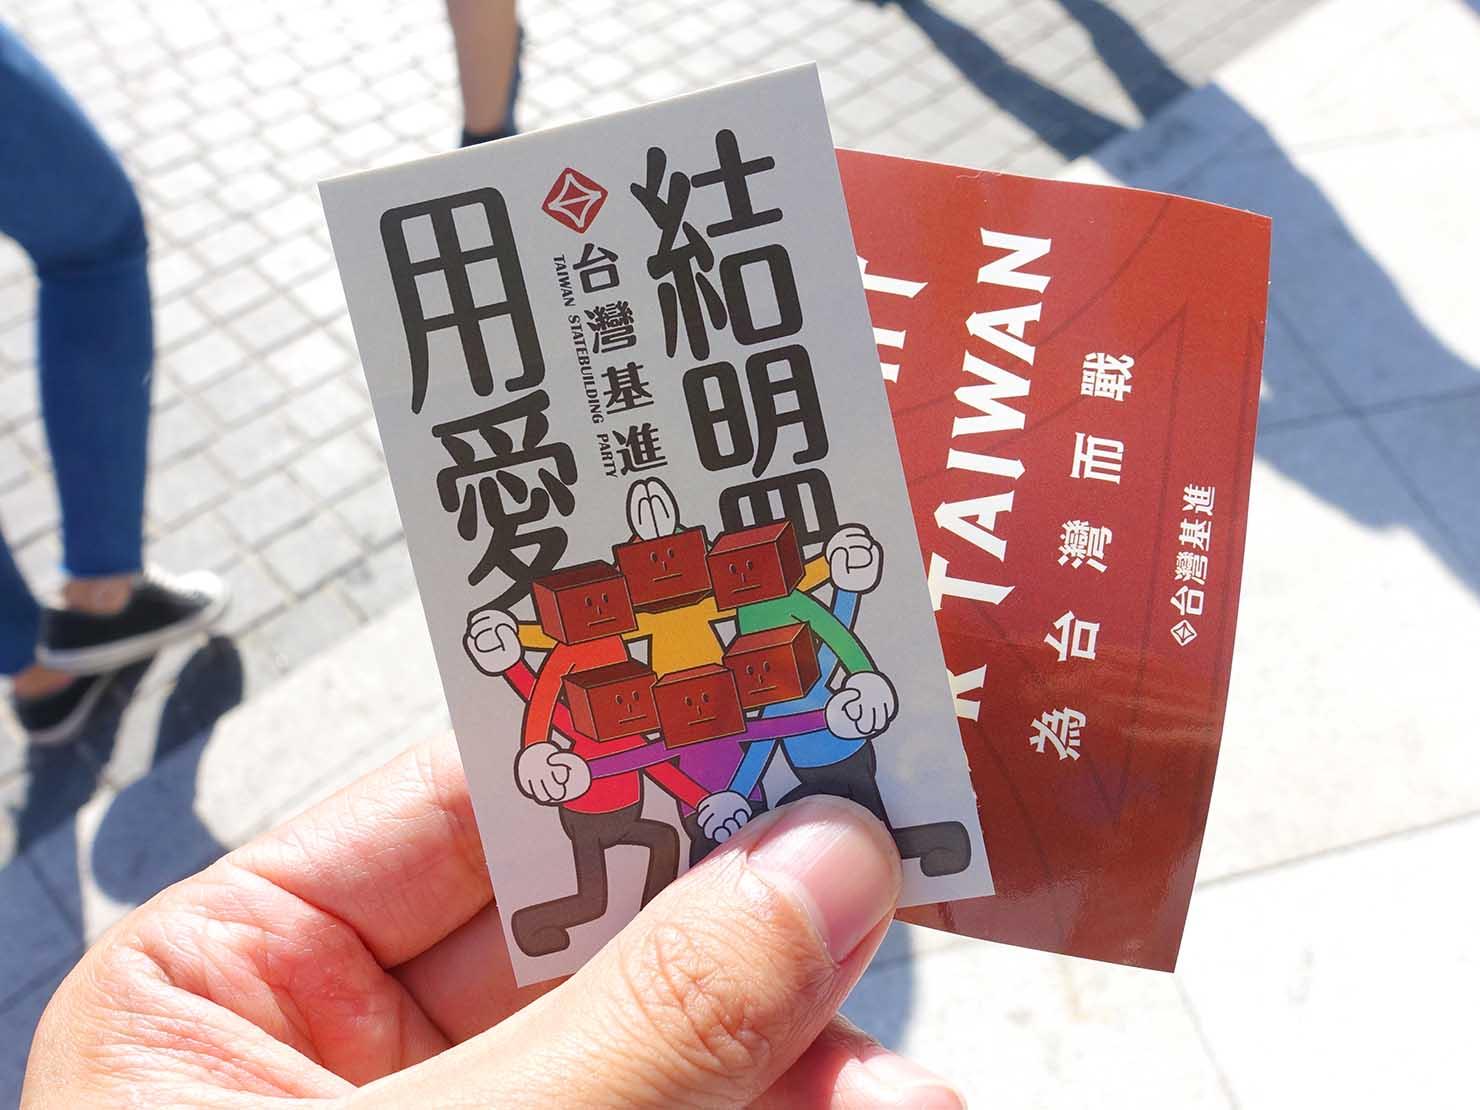 台中同志遊行(台中LGBTプライド)2019の会場で配布されたステッカー